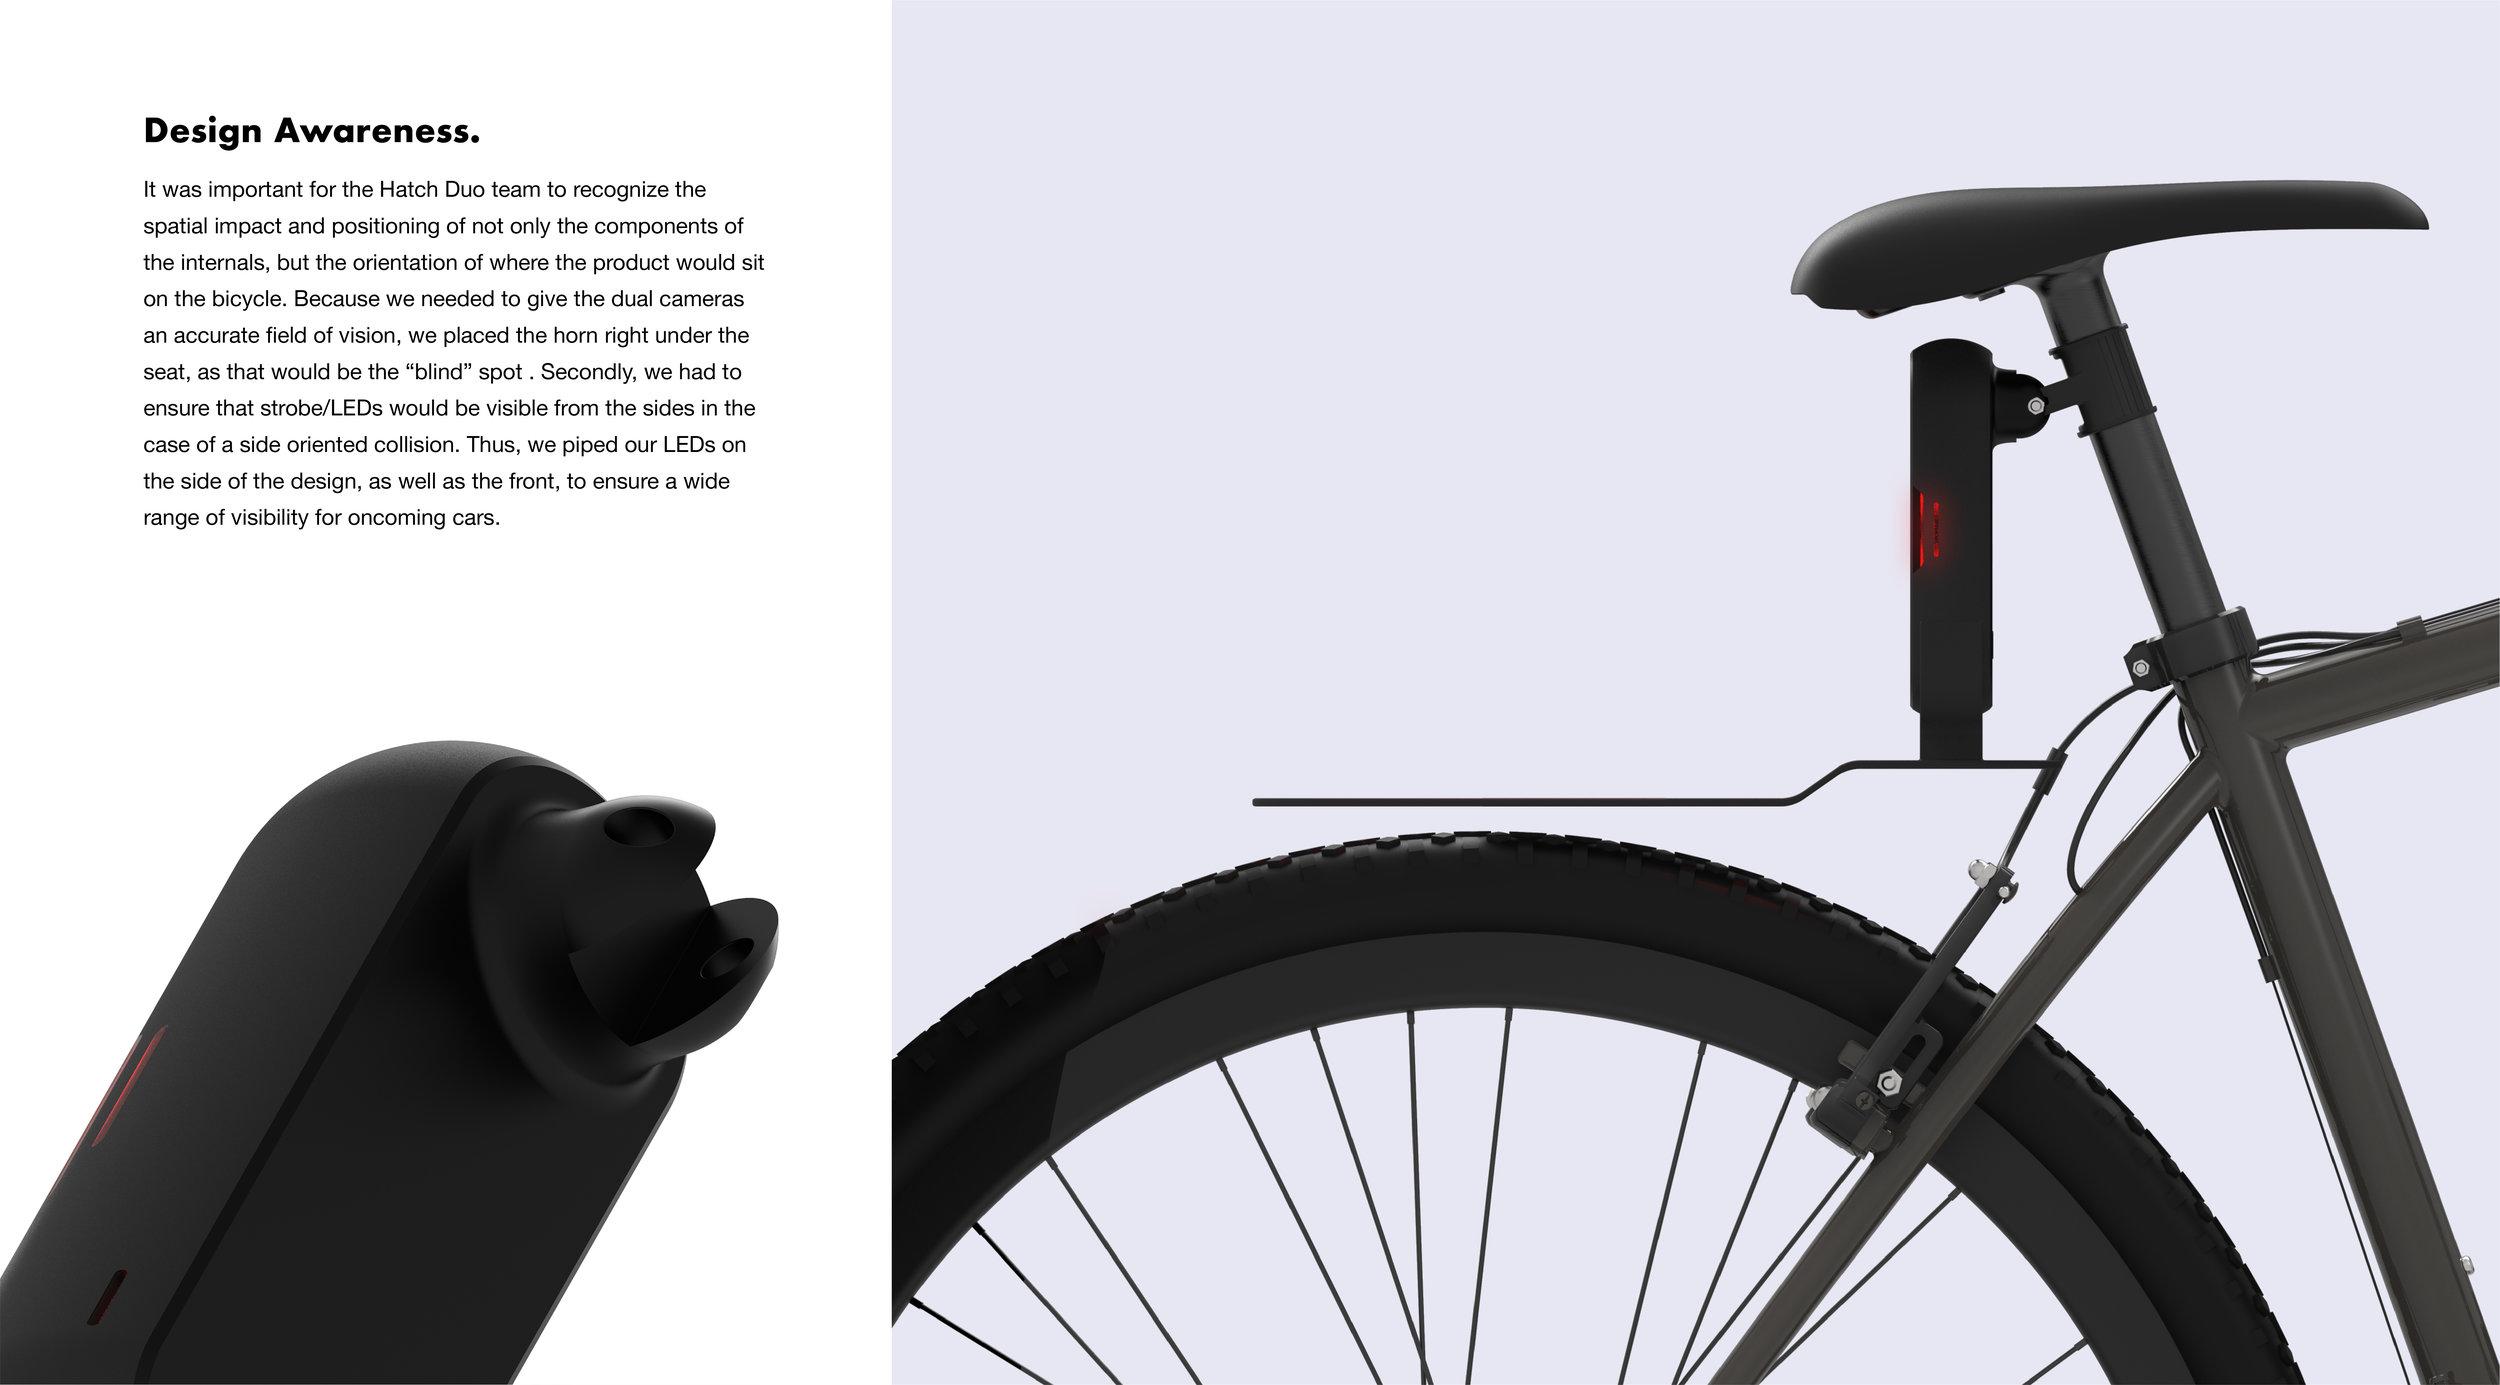 DesignAwareness.jpg